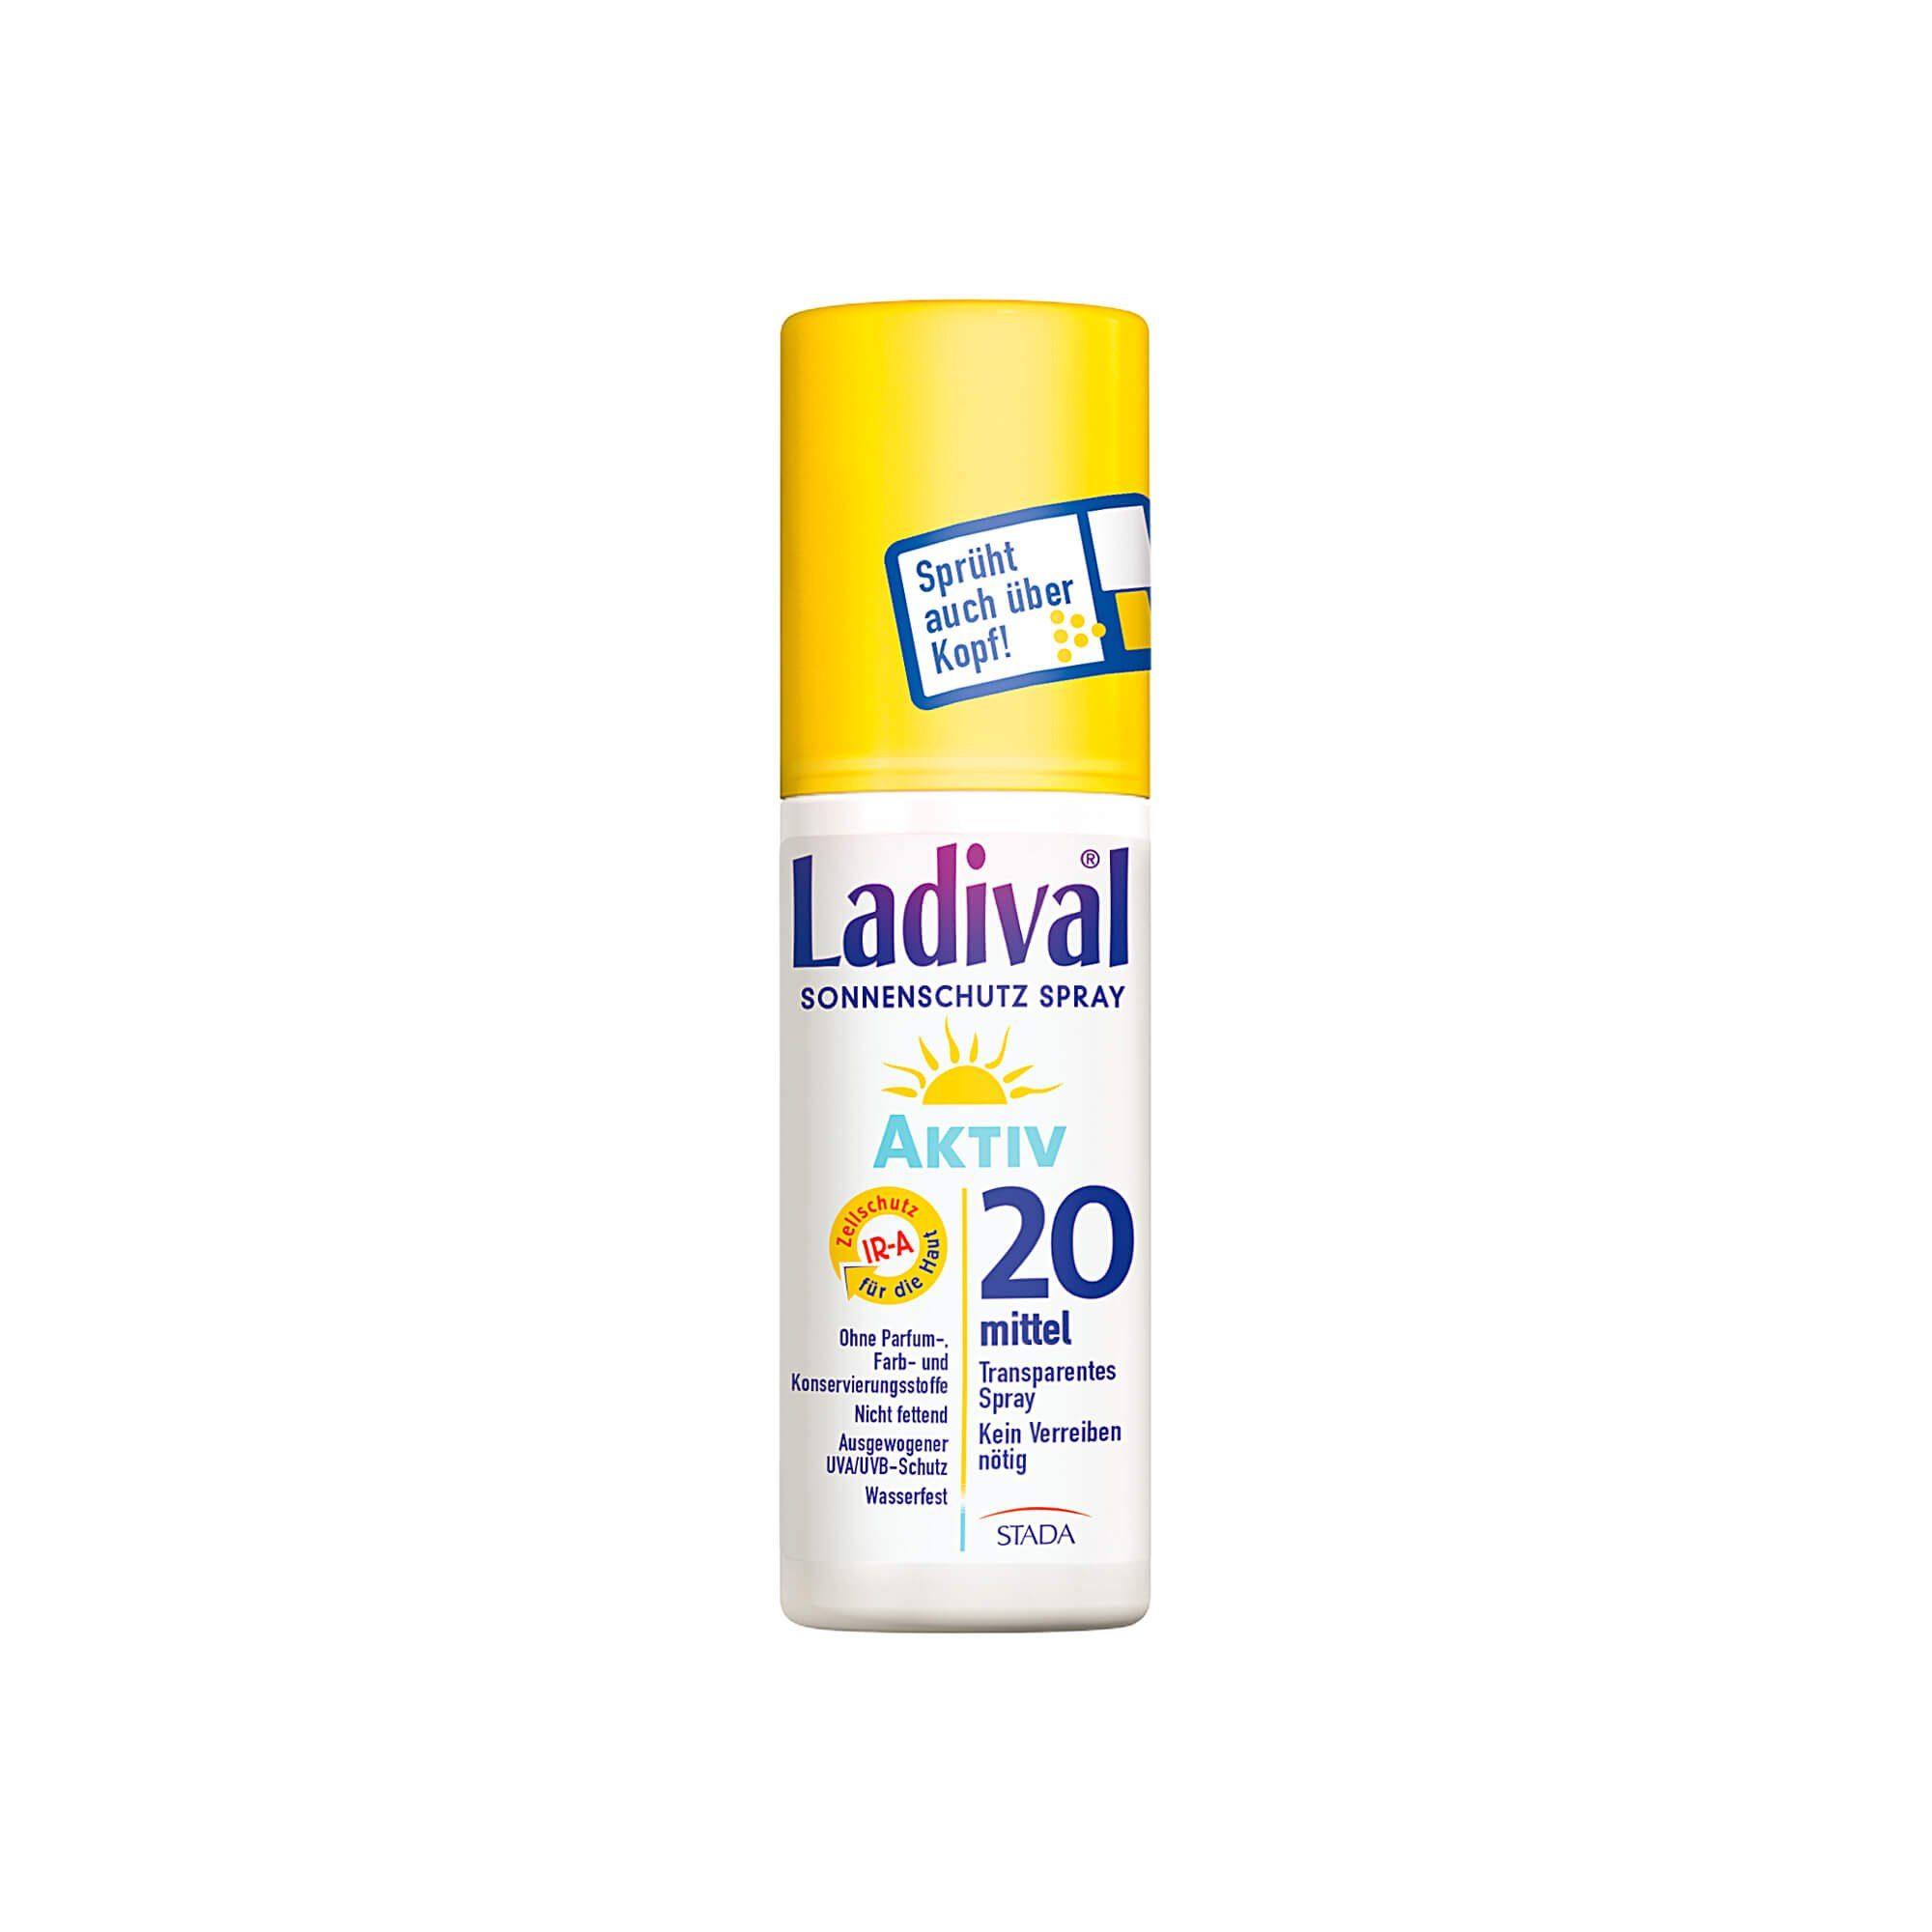 Ladival Sonnenschutzspray LSF 20 , 150 ml